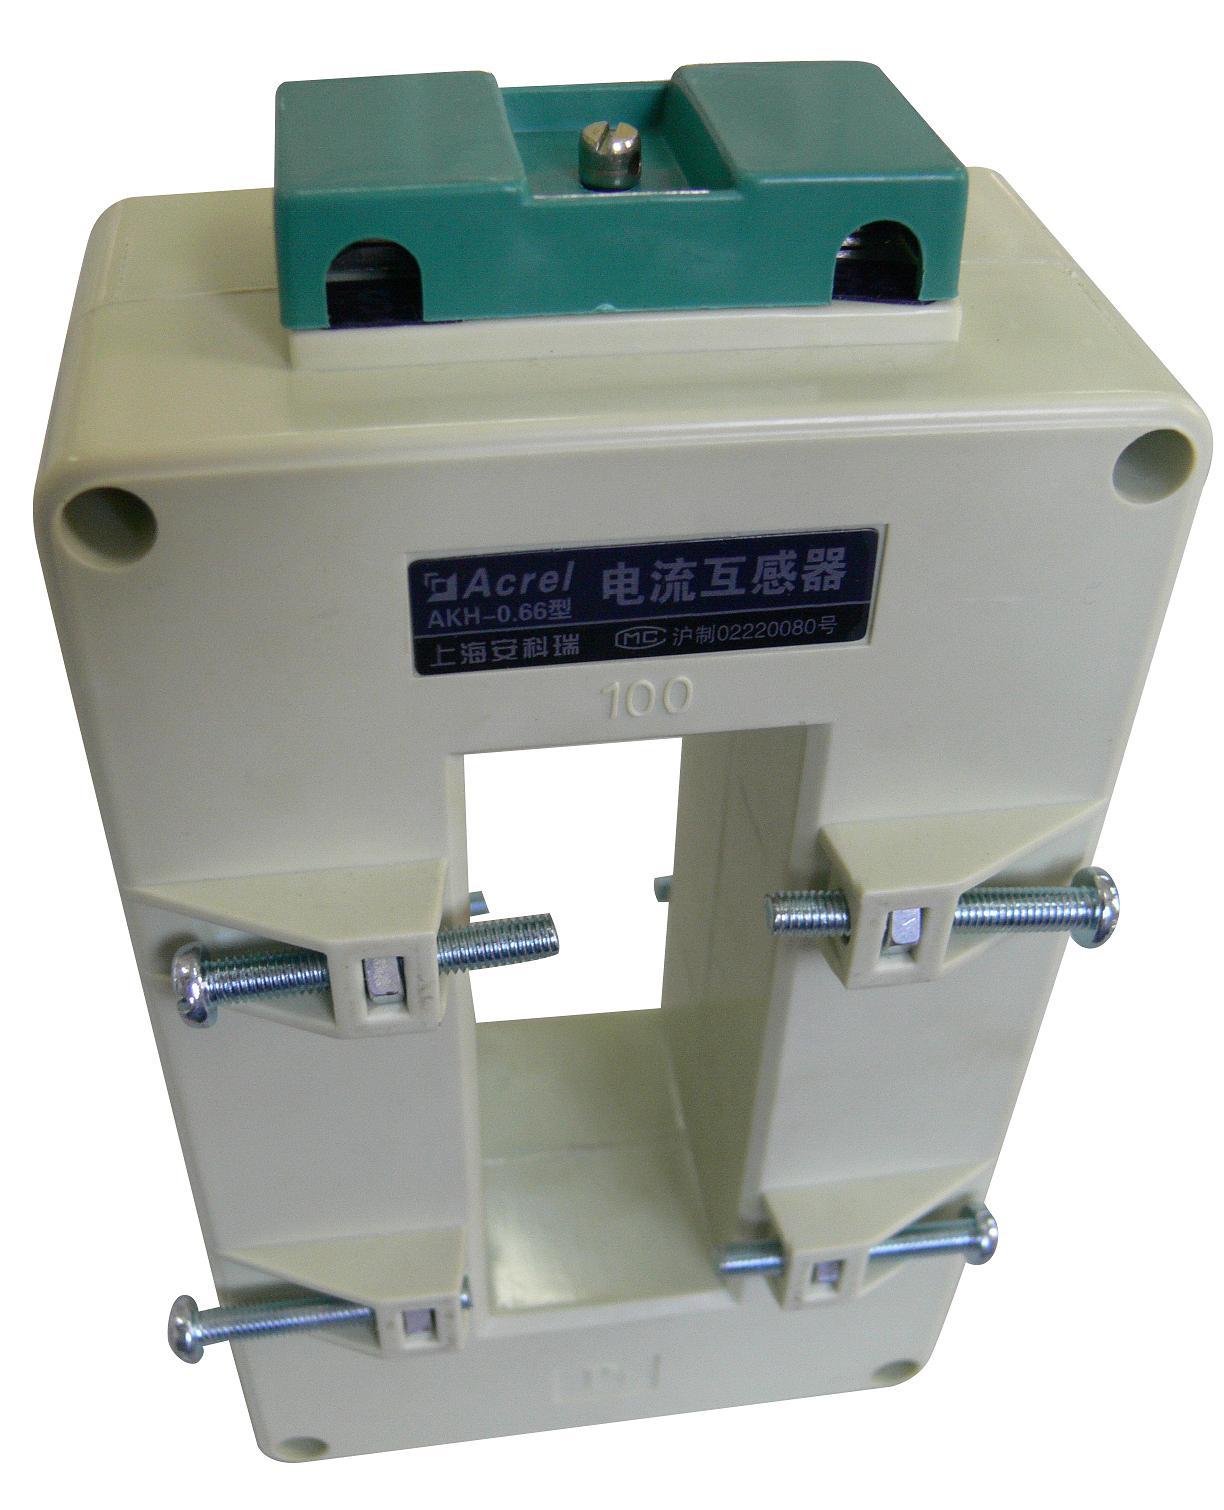 安科瑞AKH-0.66P P-120III保护型电流互感器